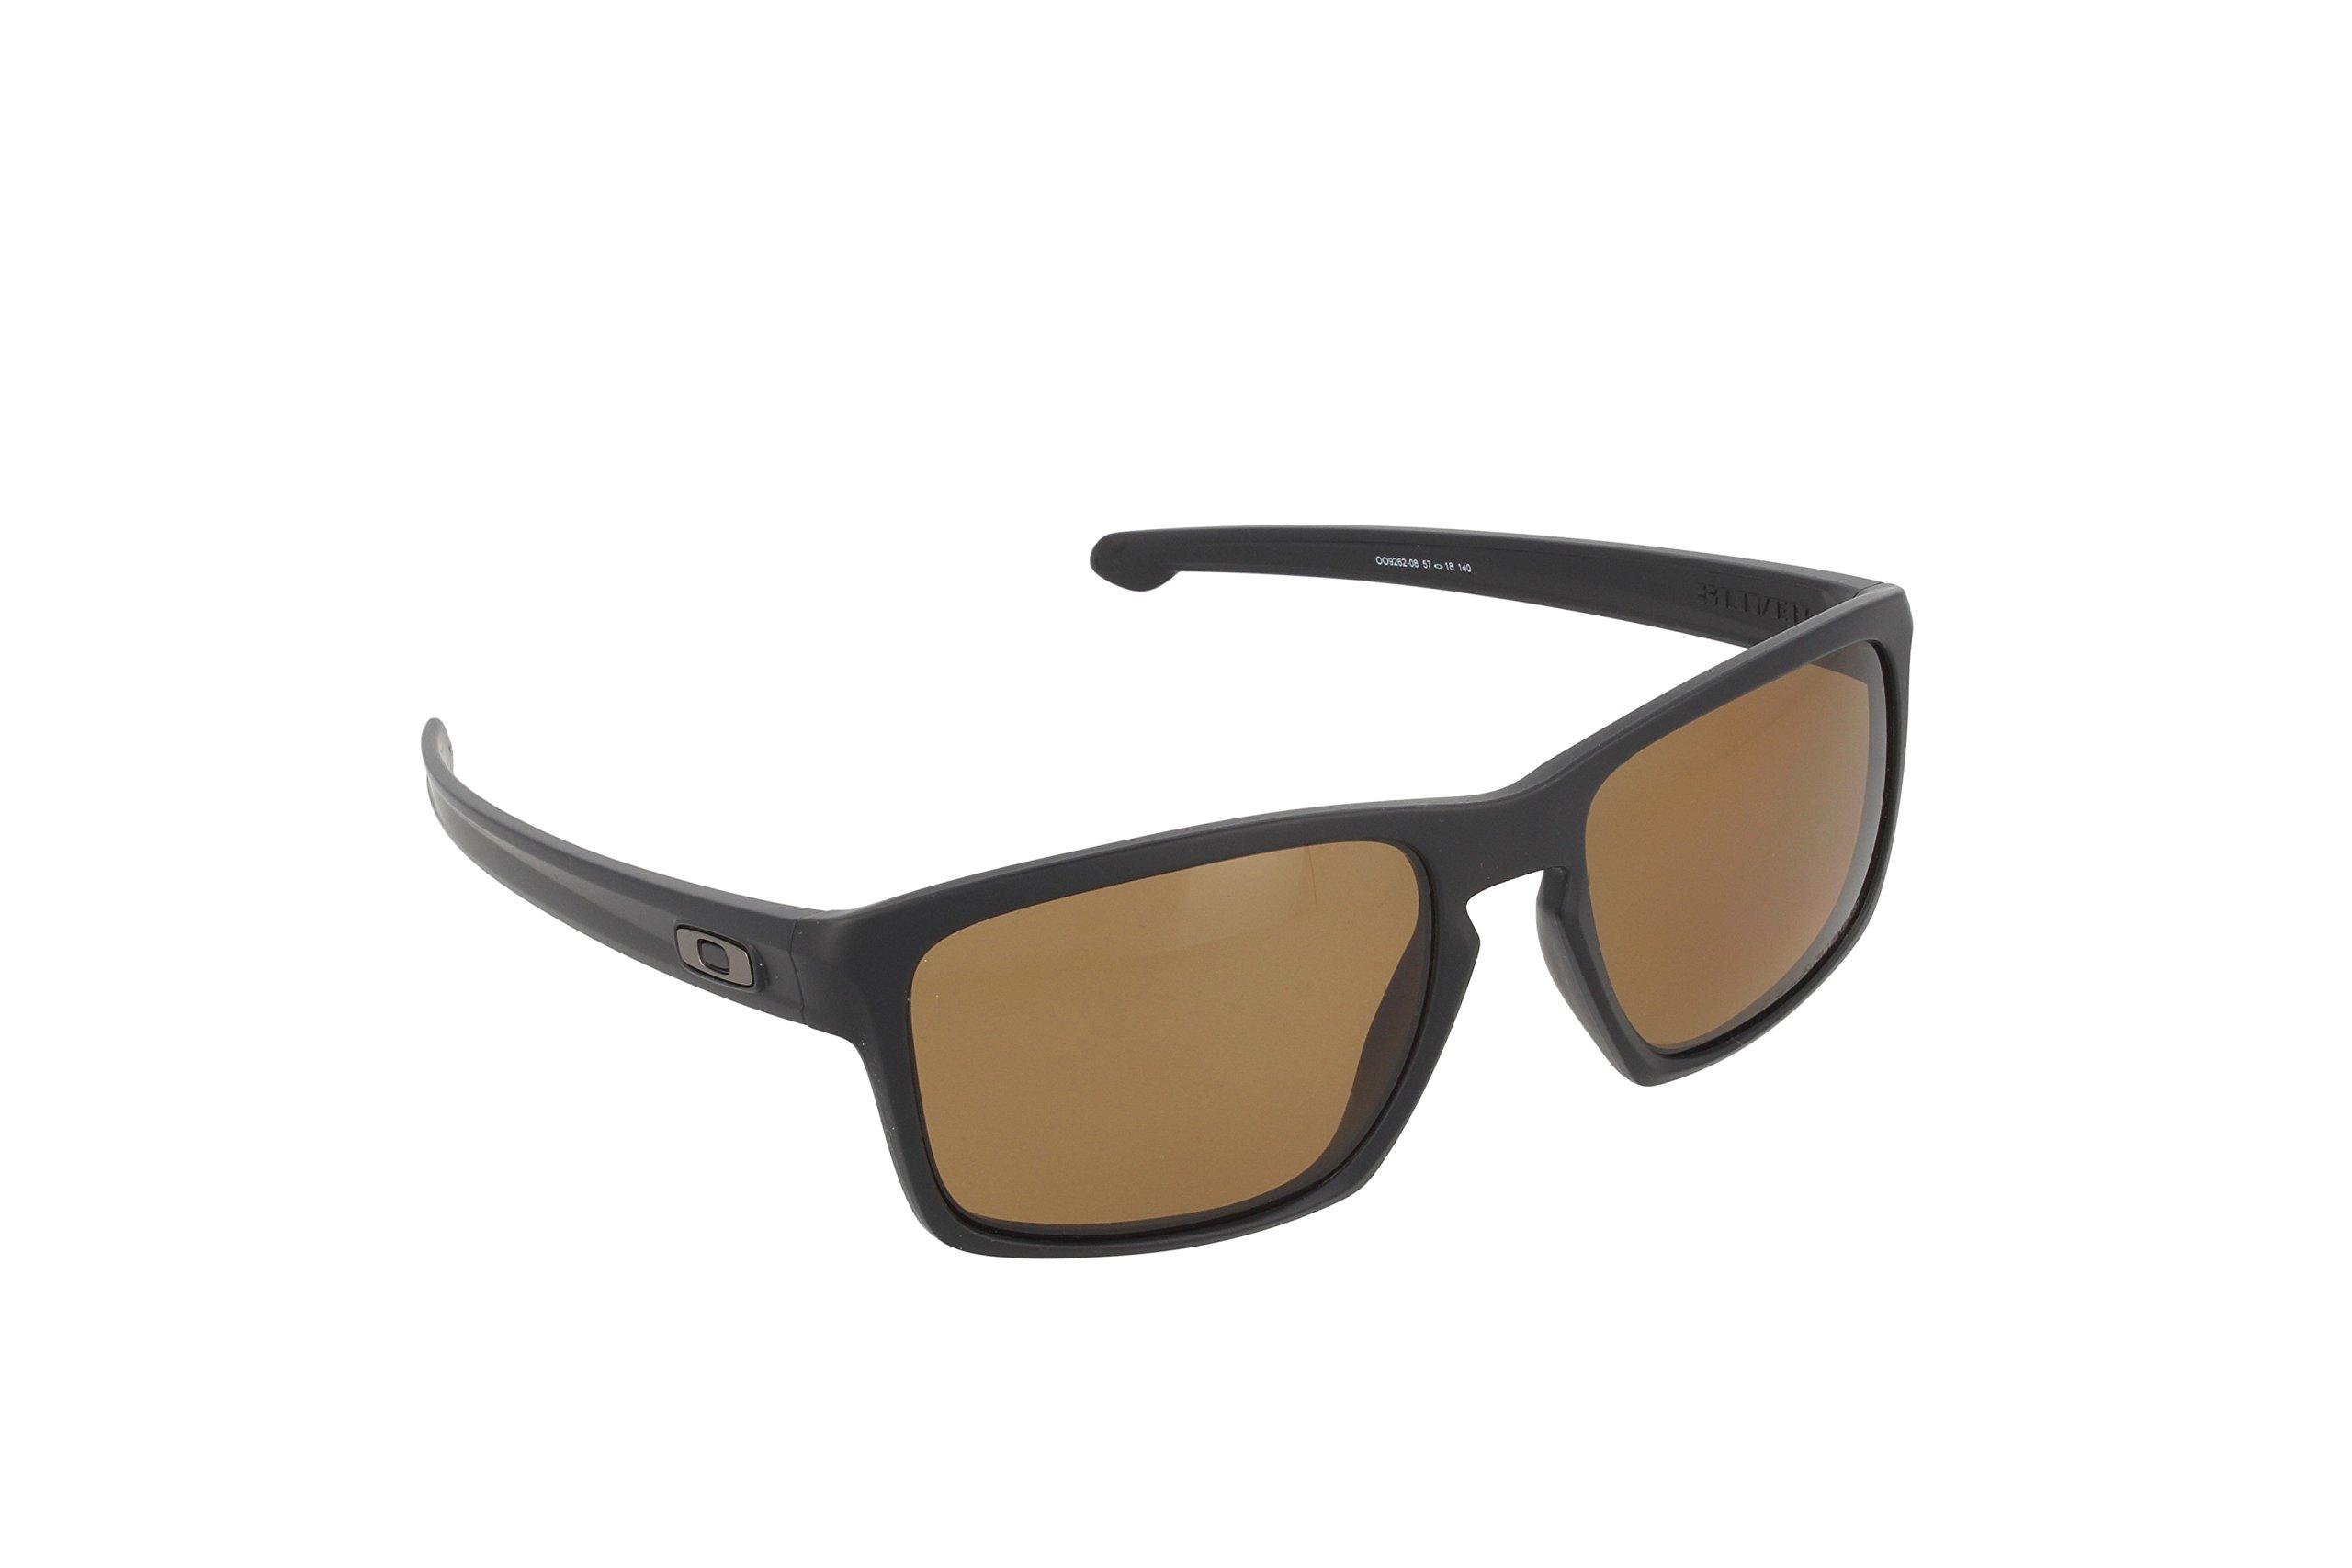 Oakley Men's Sliver OO9262-08 Polarized Rectangular Sunglasses, Matte Black, 57 mm